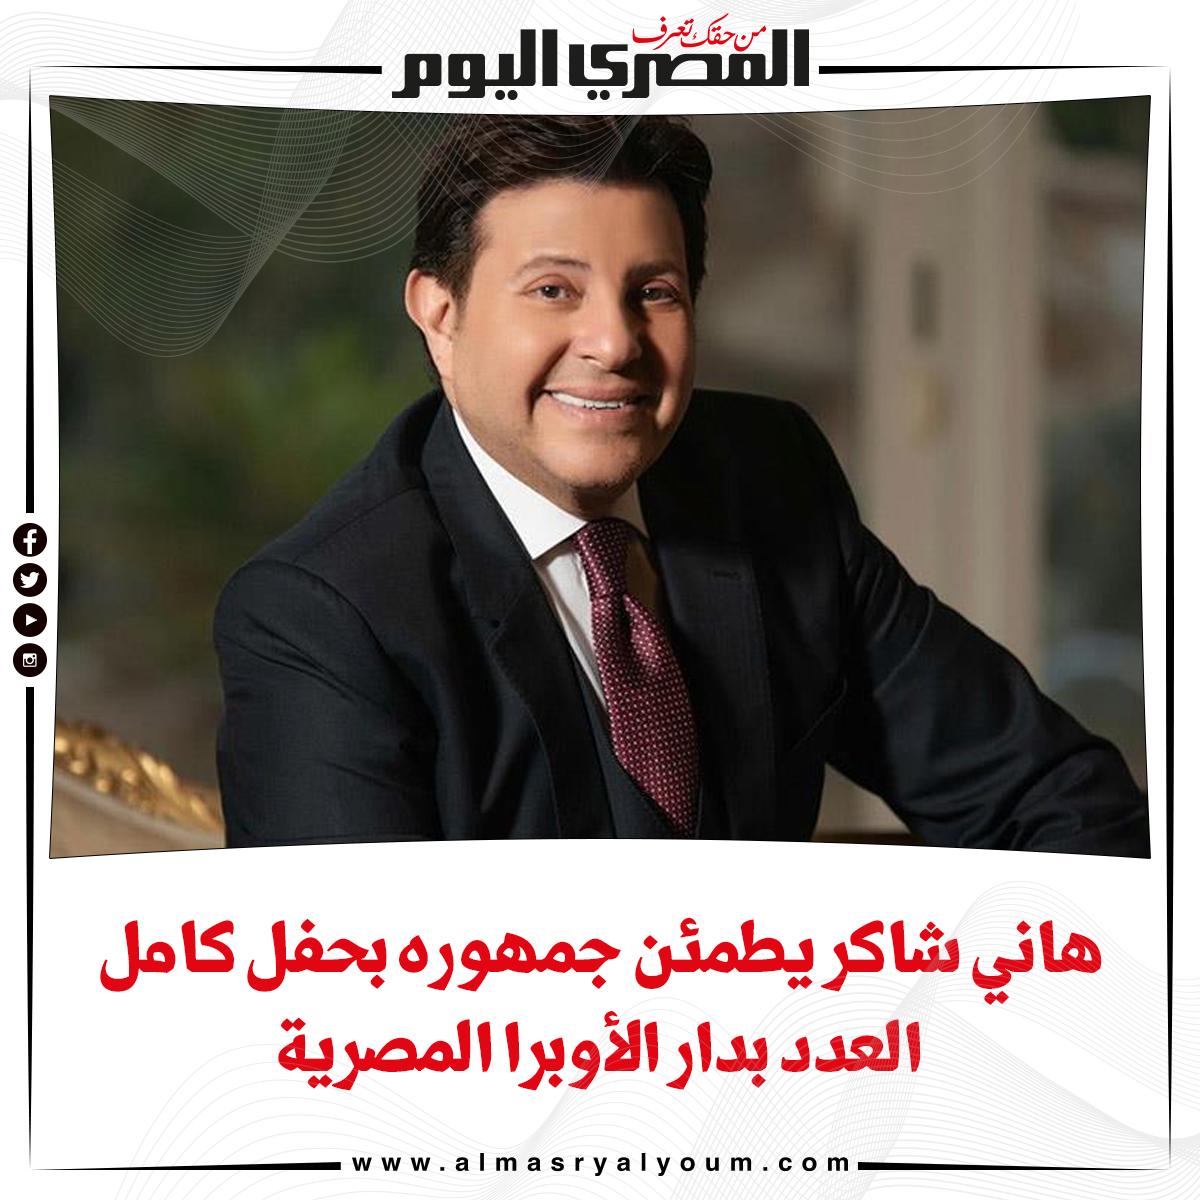 هاني شاكر يطمئن جمهوره بحفل كامل العدد بدار الأوبرا المصرية